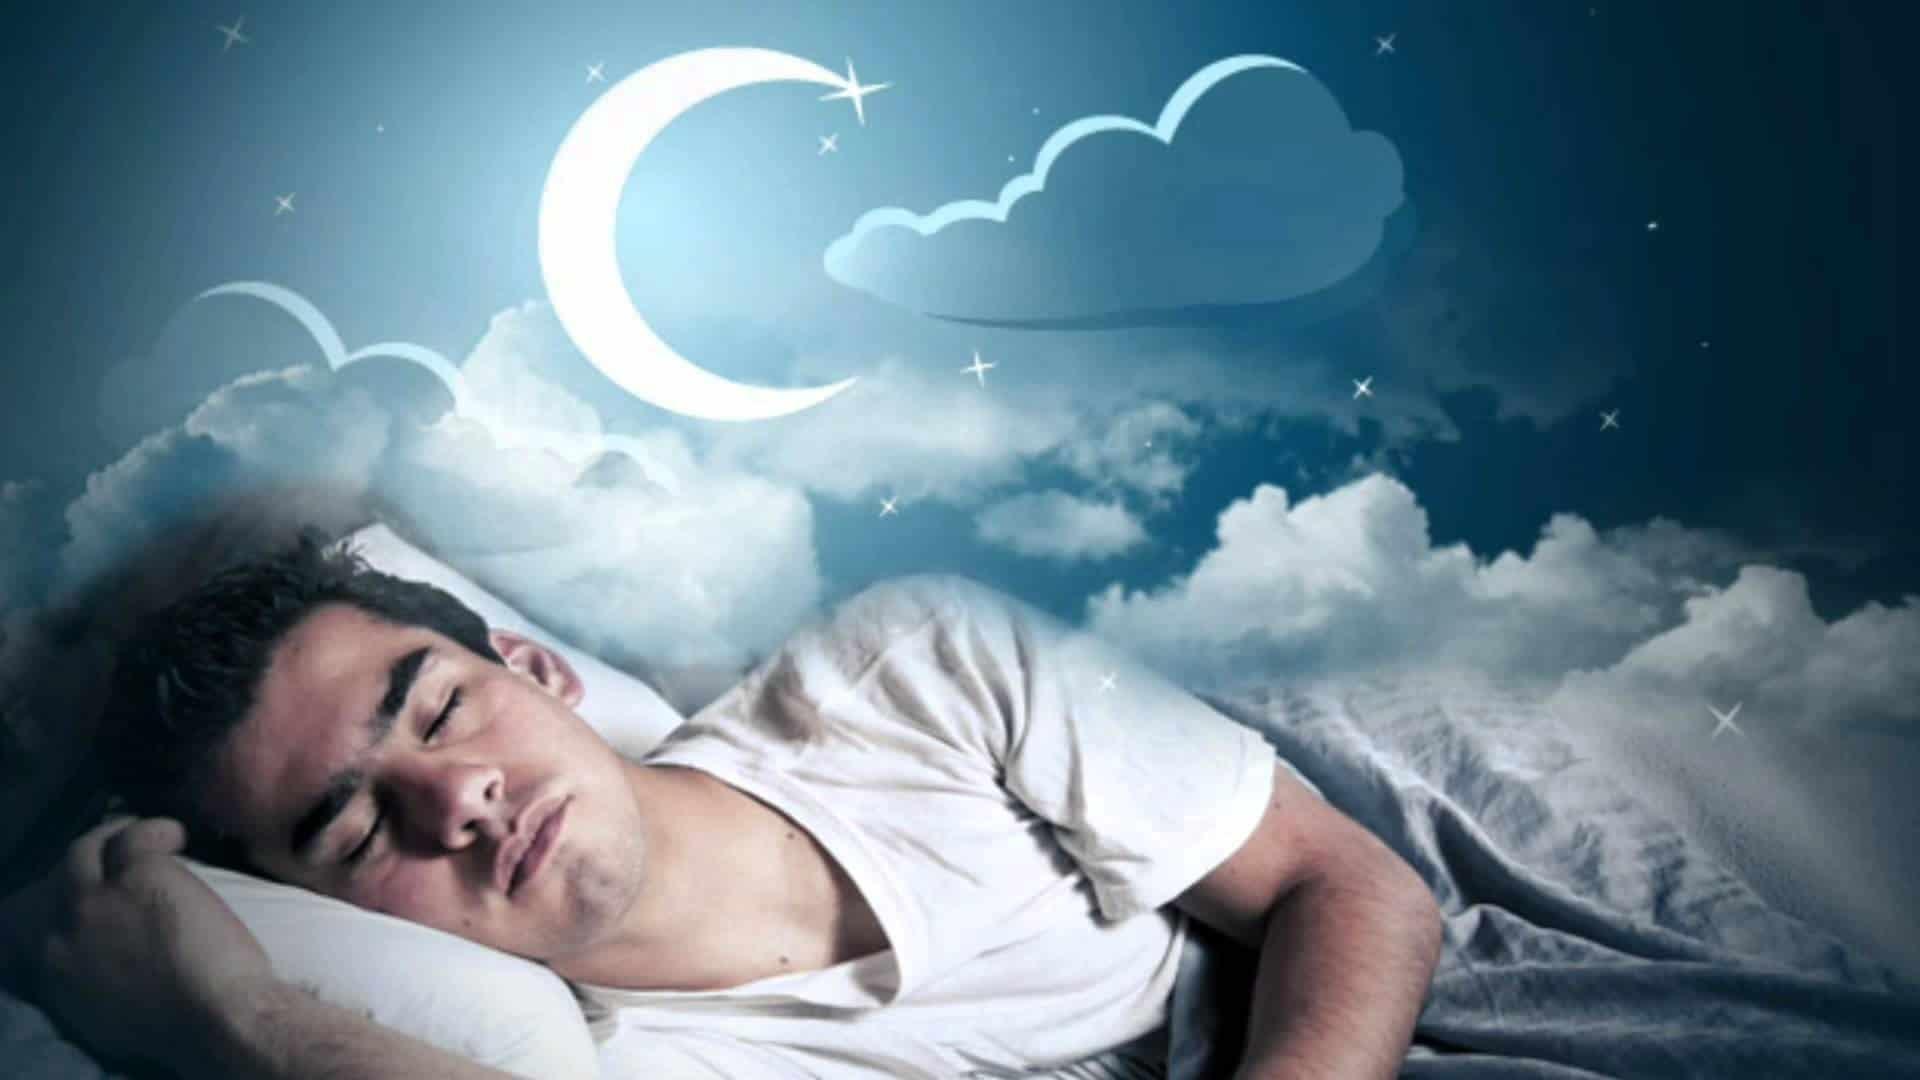 صور حلمت بشخص اعرفه , تفسير حلم رؤيه شخص معروف